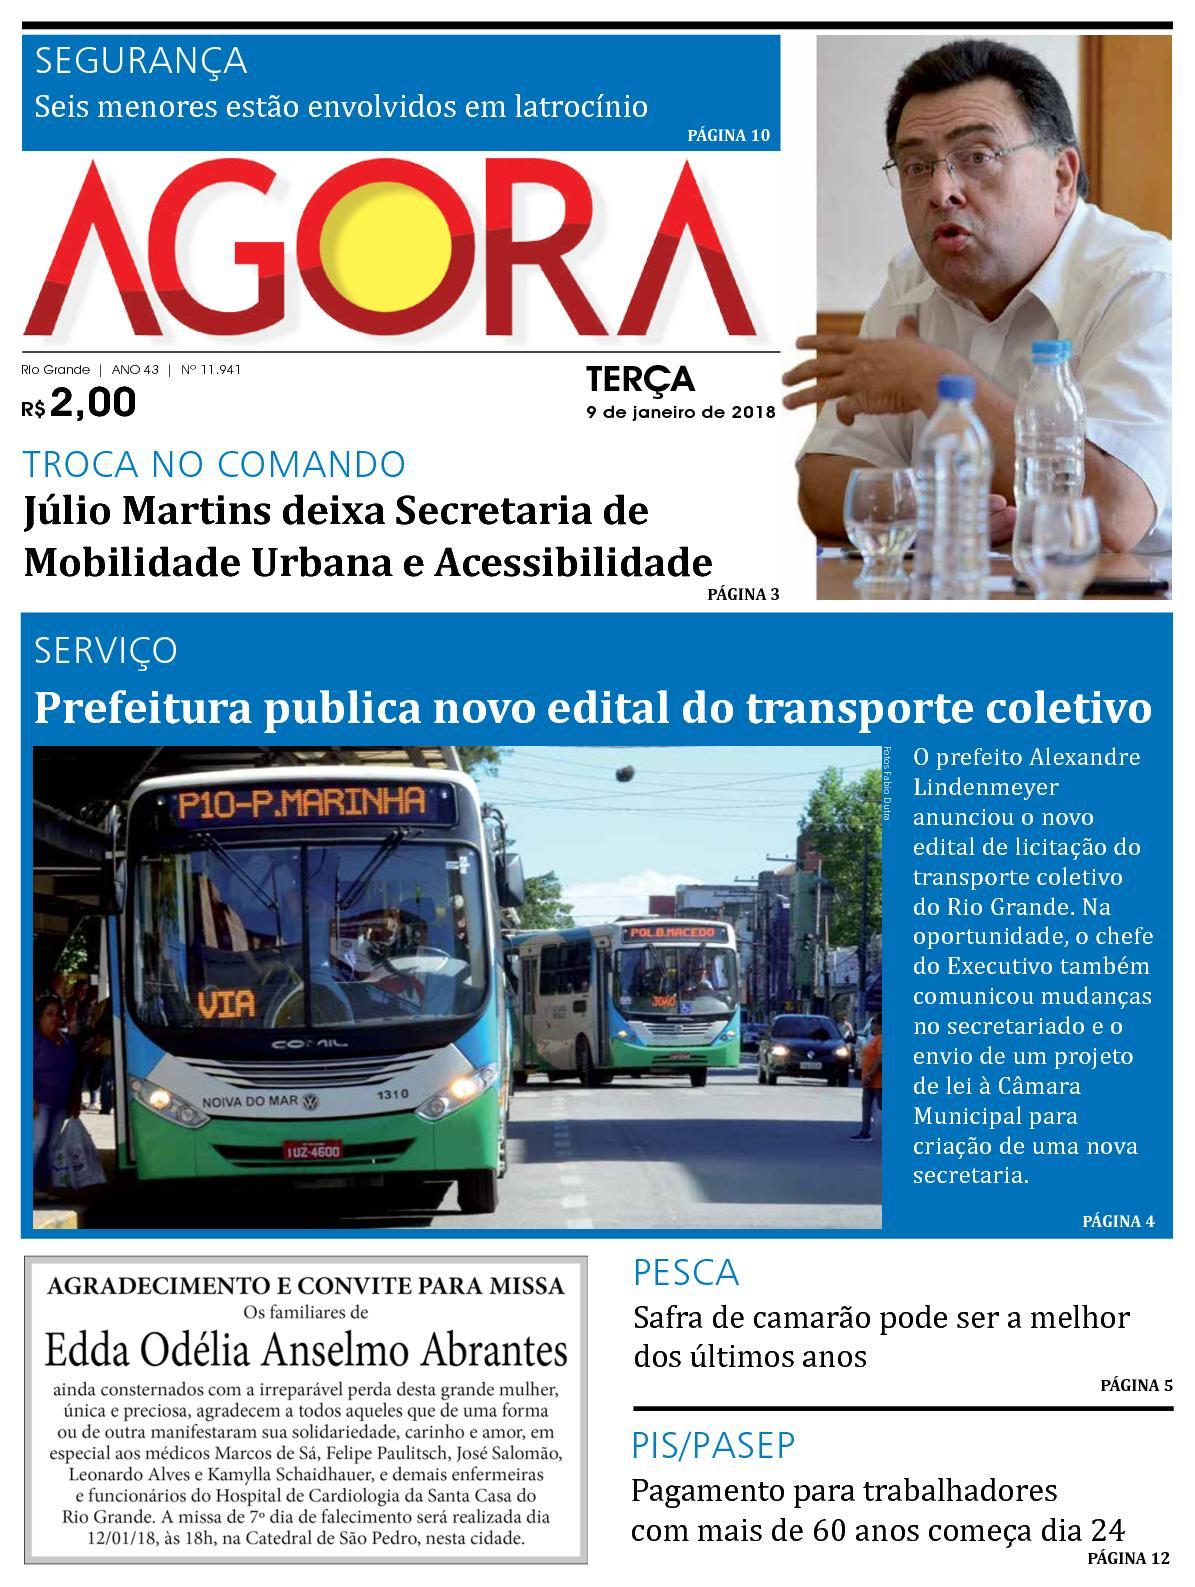 dcc790d346 Calaméo - Jornal Agora - Edição 11941 - 9 de Janeiro de 2018